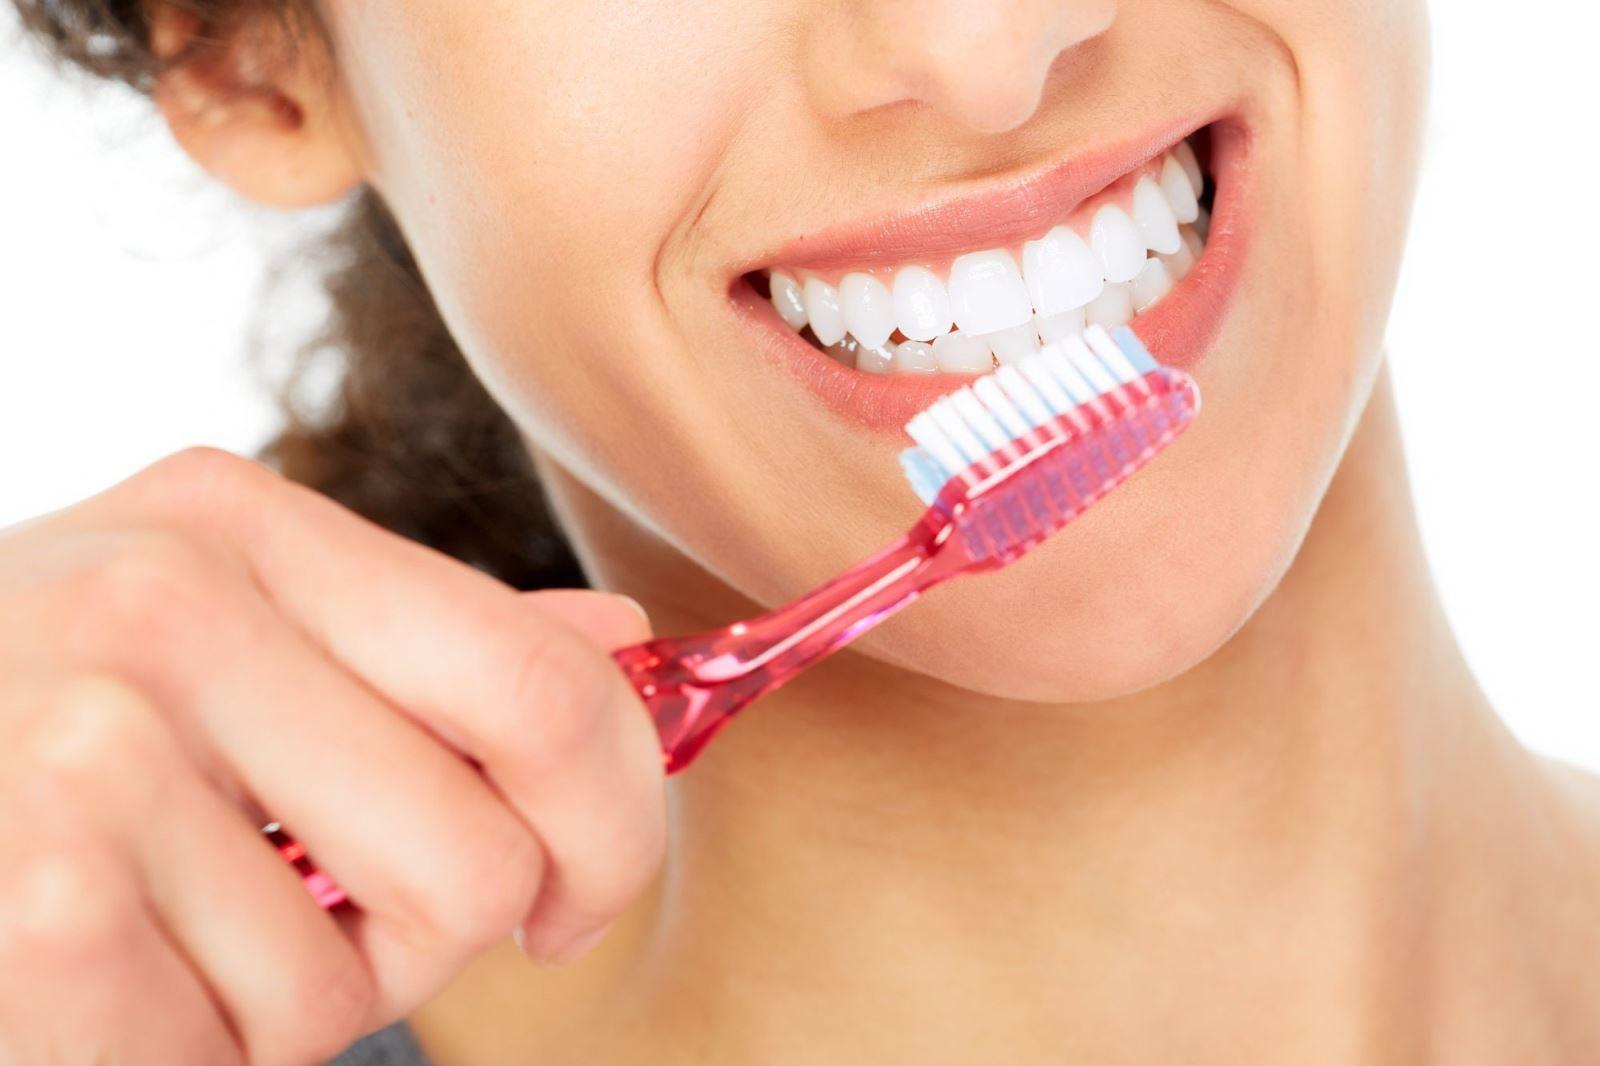 Vệ sinh răng miệng đúng cách để hạn chế sự hình thành cao răng.